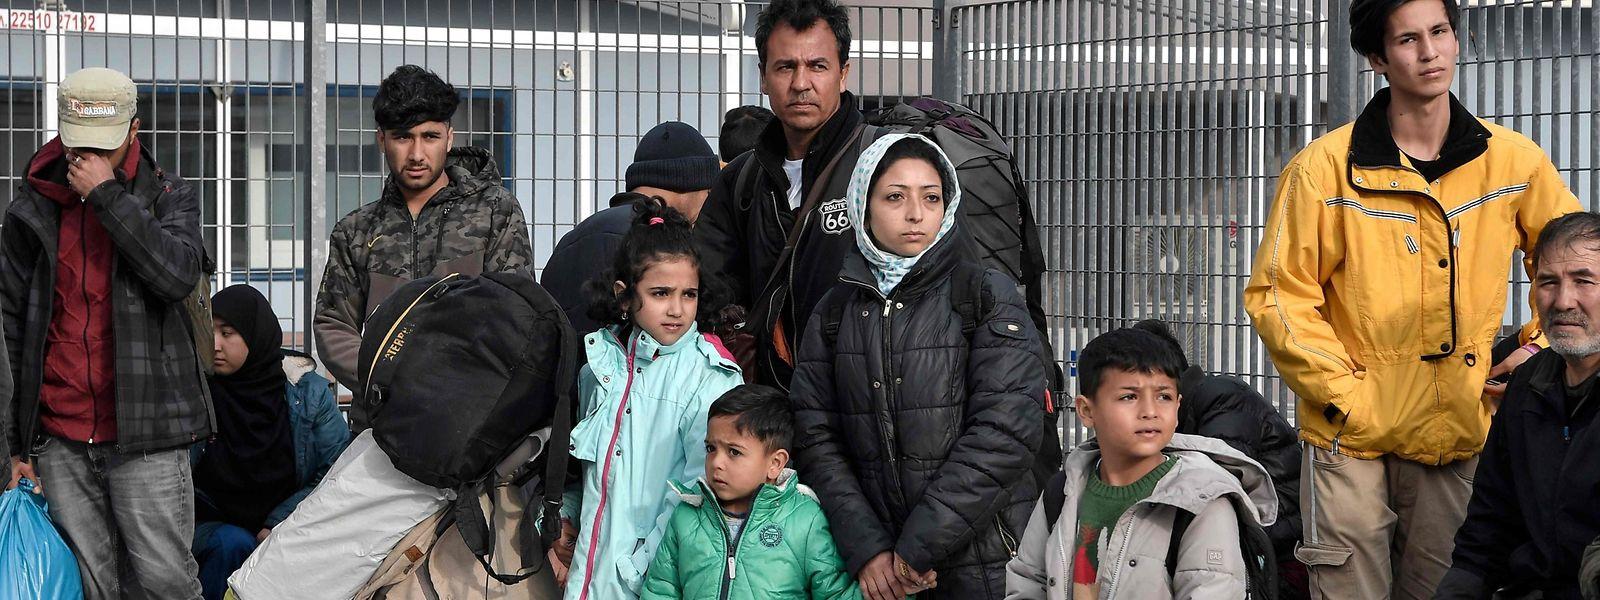 A Mytilène, principale ville de Lesbos. Dans le camp de Moria, sur l'île grecque de la mer Égée, des réfugiés attendent de prendre un ferry direction Athènes.